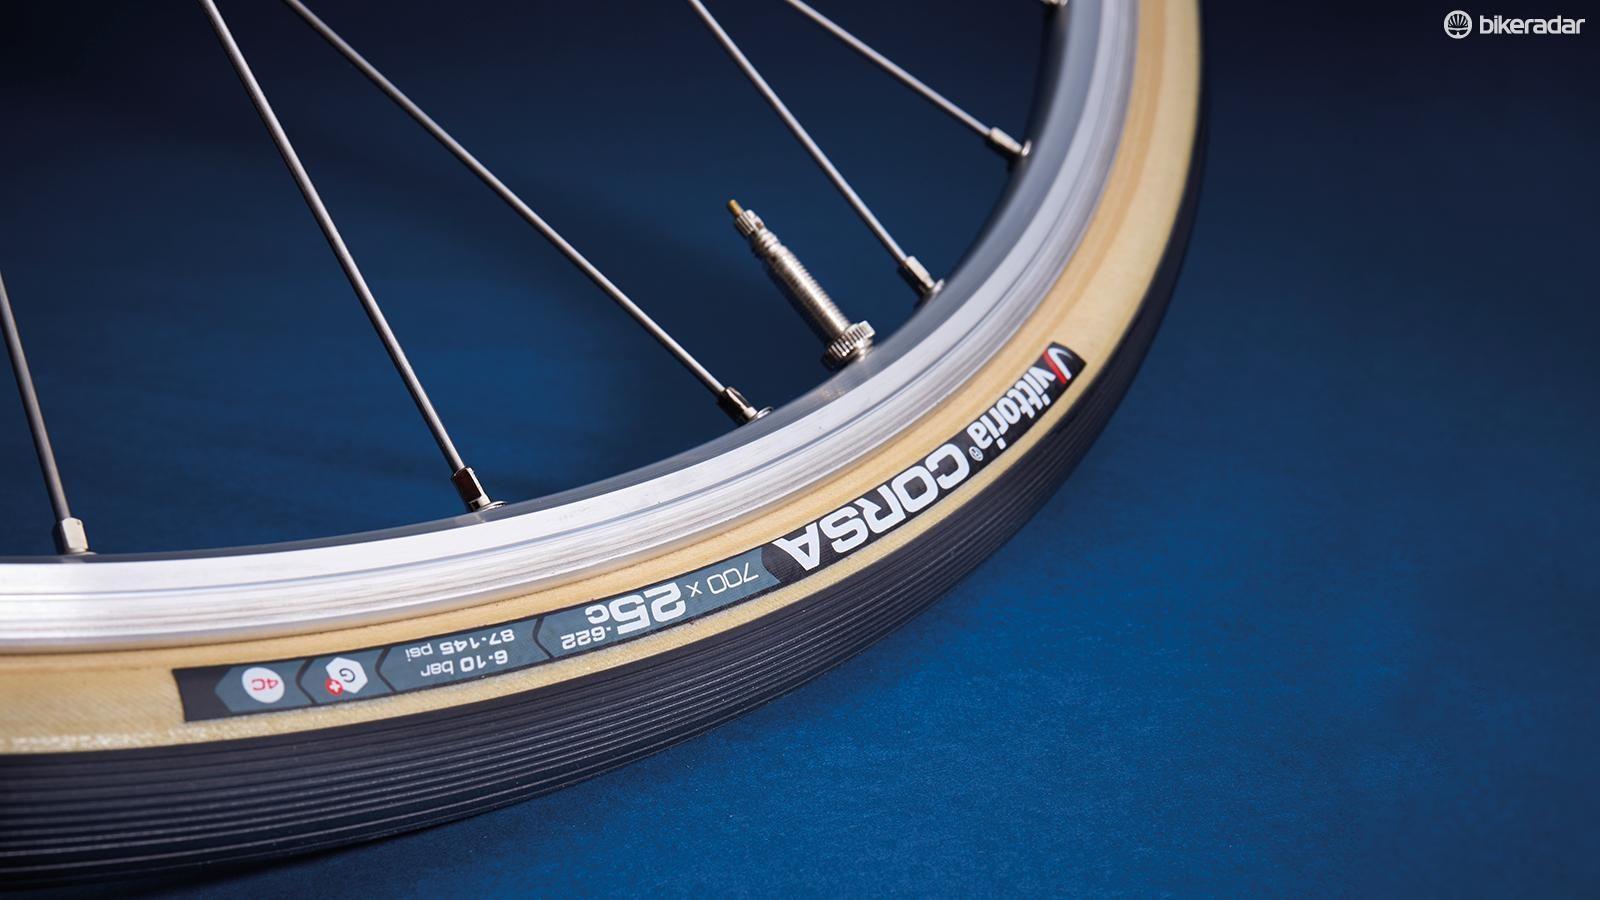 Vittoria Rubino Pro G 700x25C Graphene Road Bike Tyre Black/&Blue s